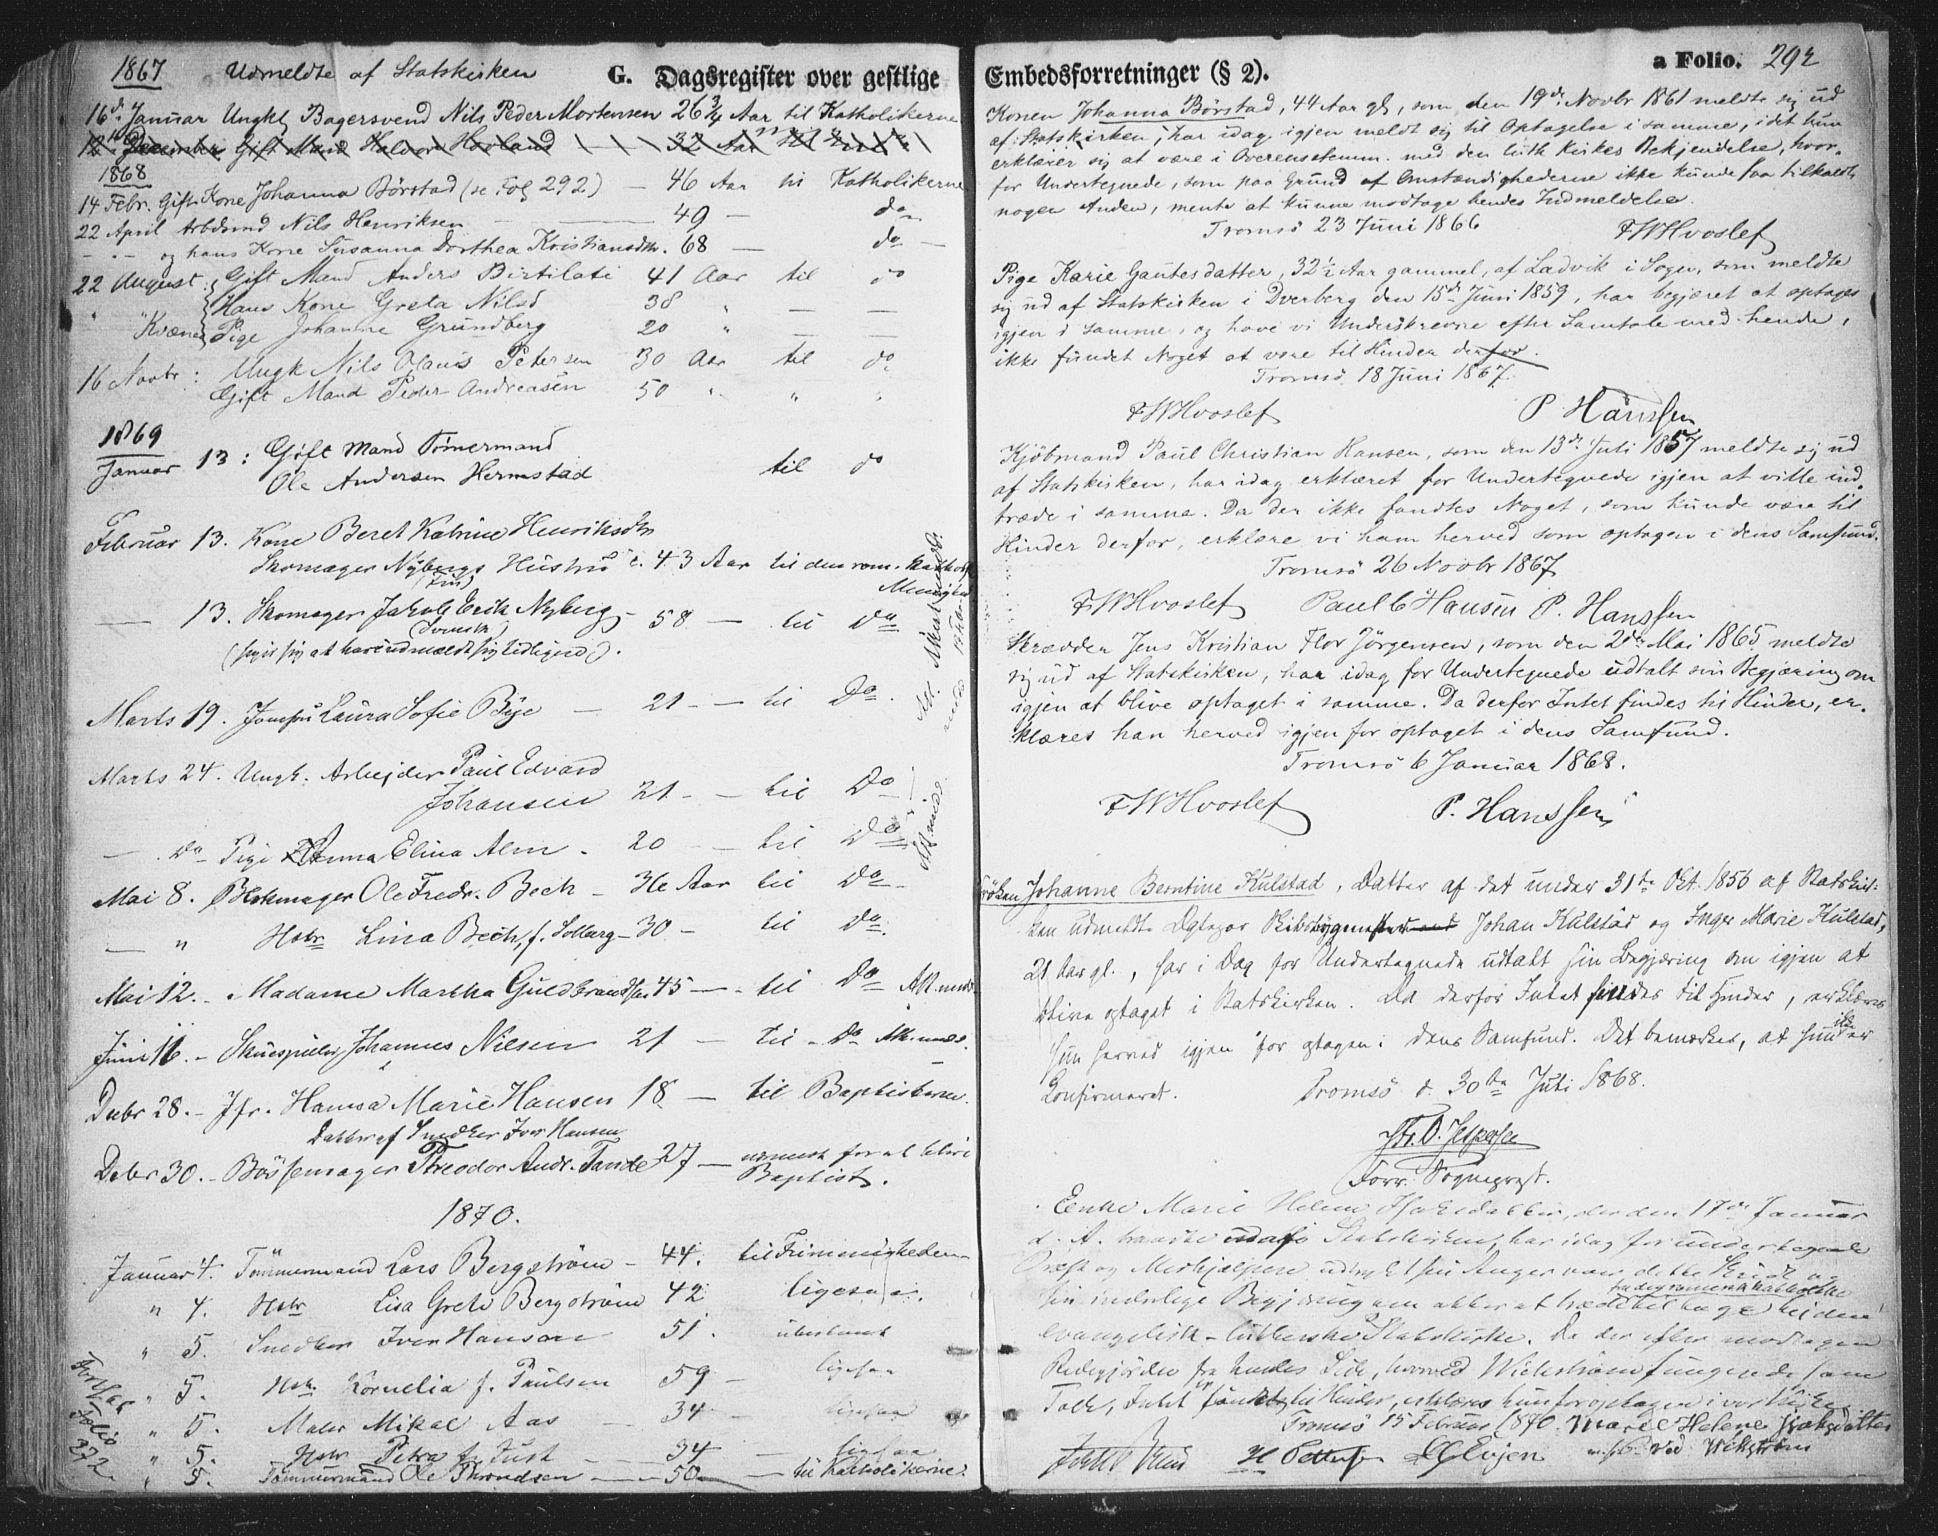 SATØ, Tromsø sokneprestkontor/stiftsprosti/domprosti, G/Ga/L0012kirke: Ministerialbok nr. 12, 1865-1871, s. 292